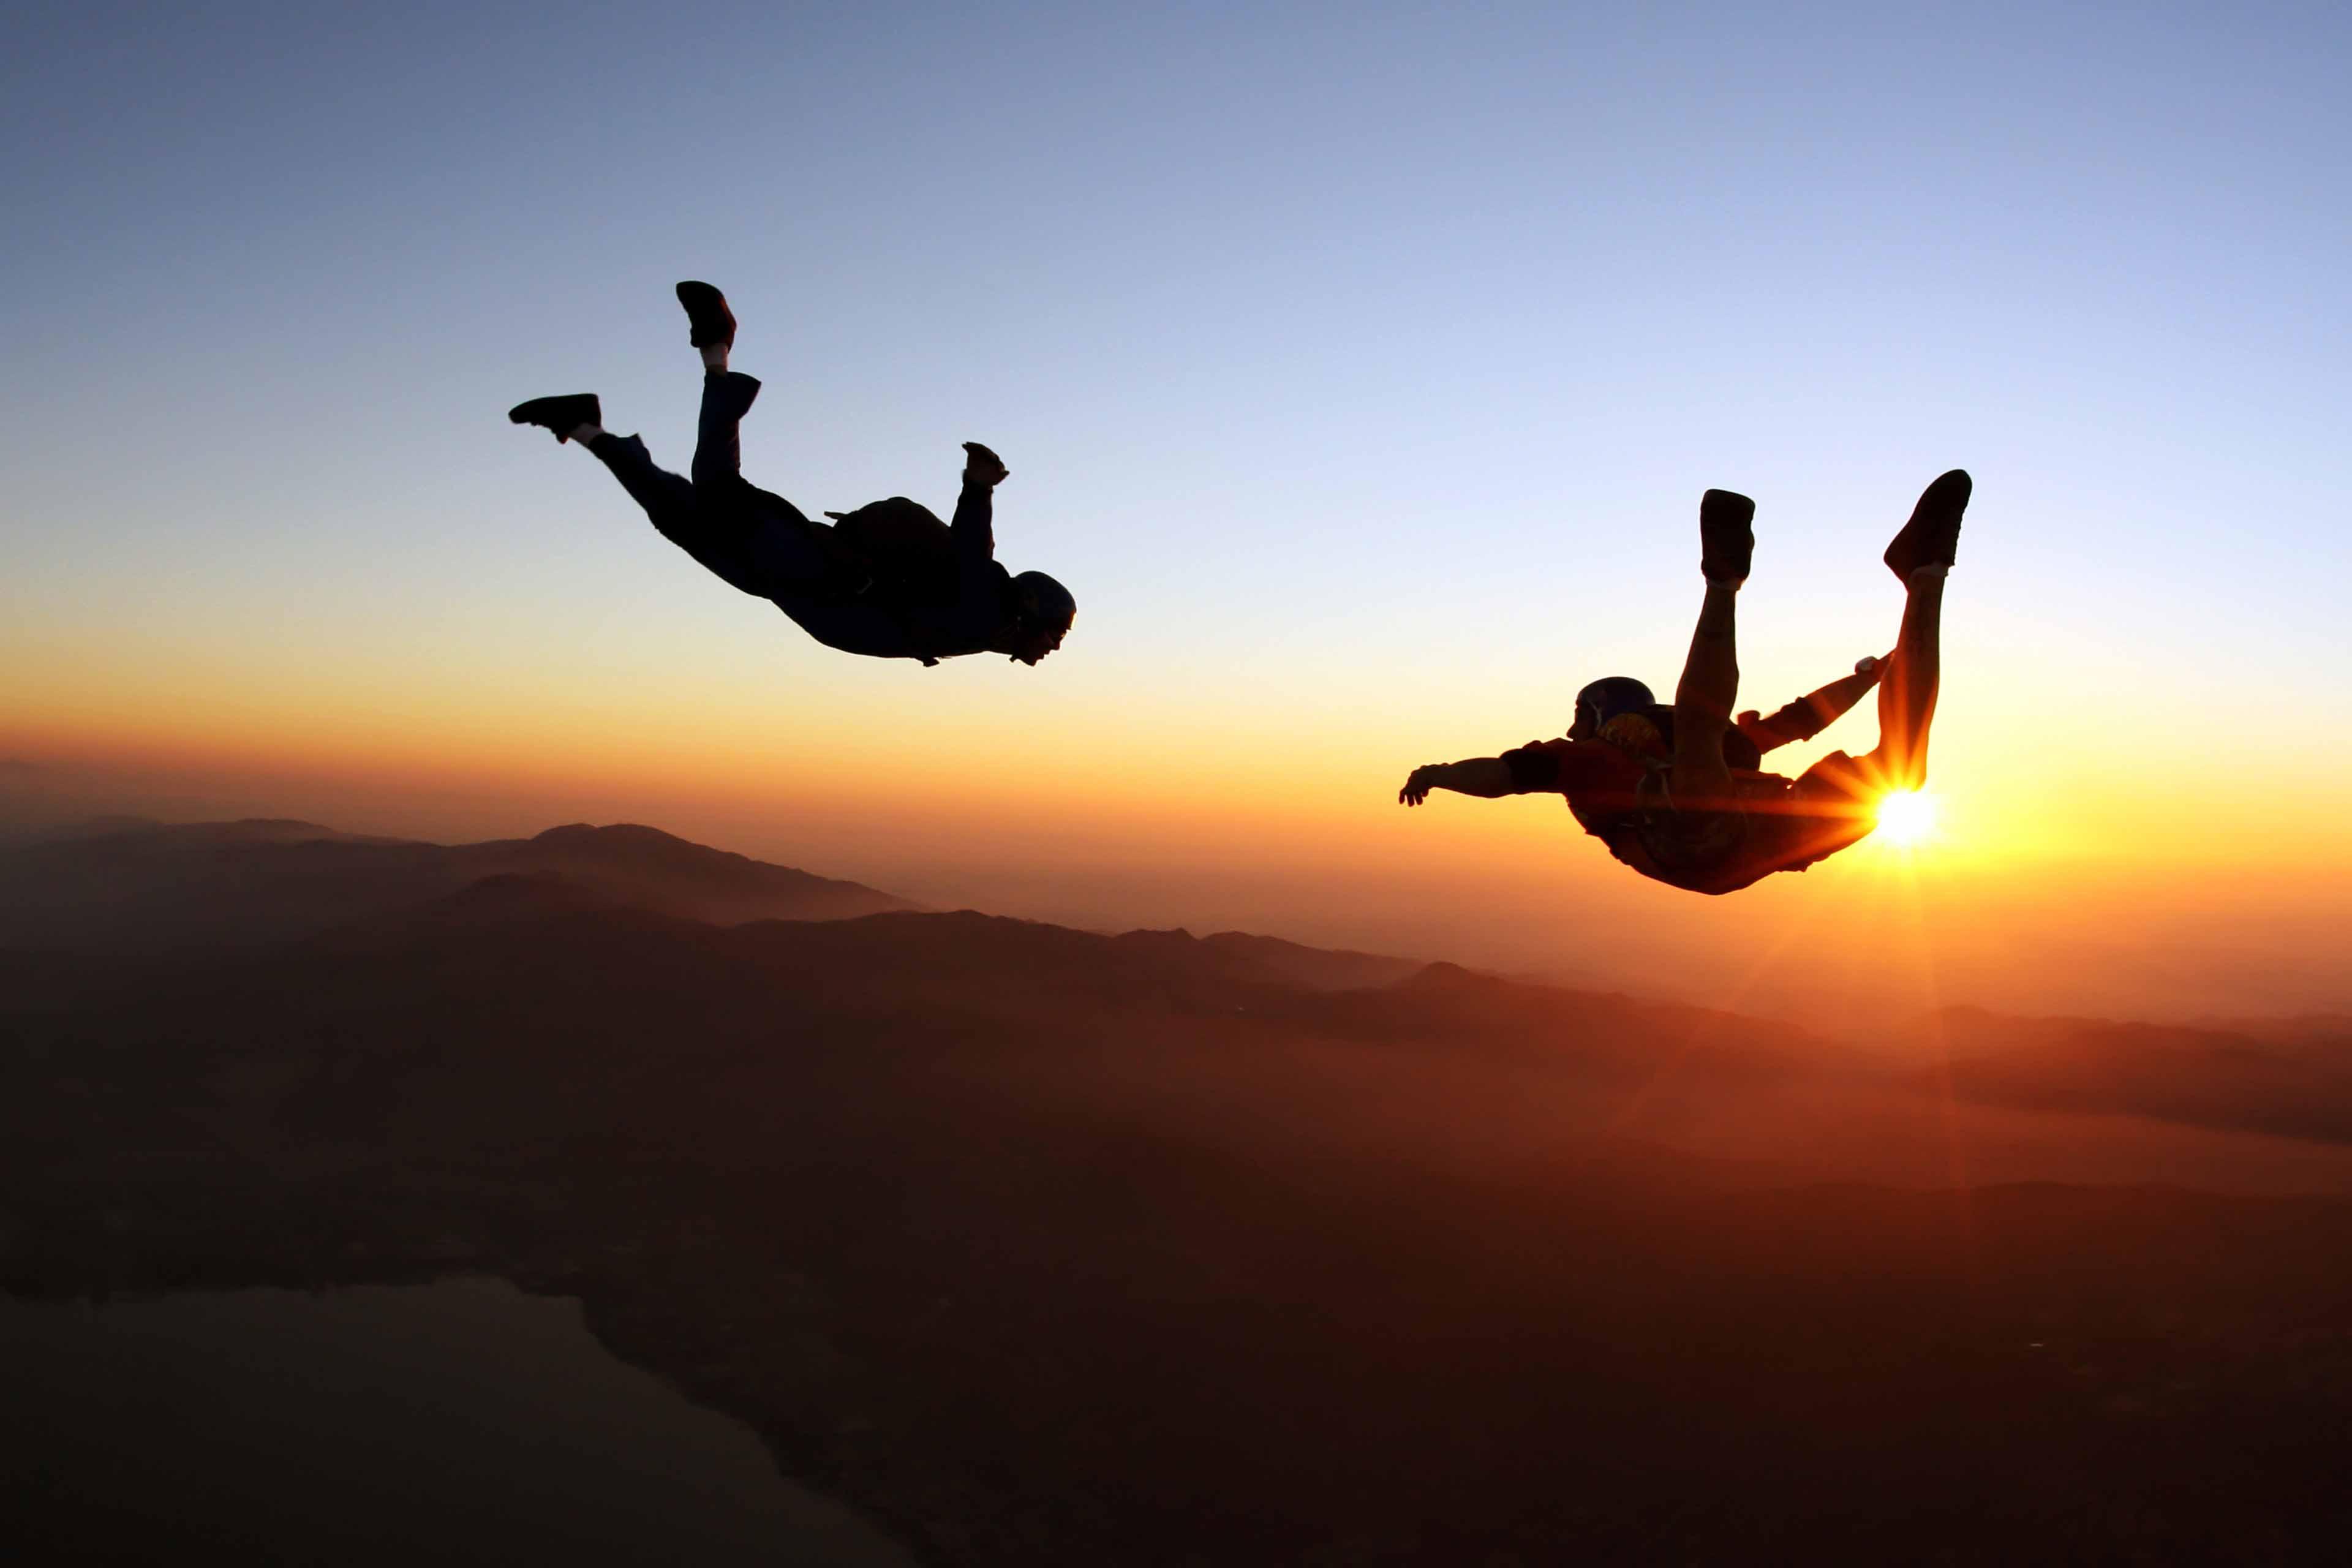 Risk, fallskärmshoppare